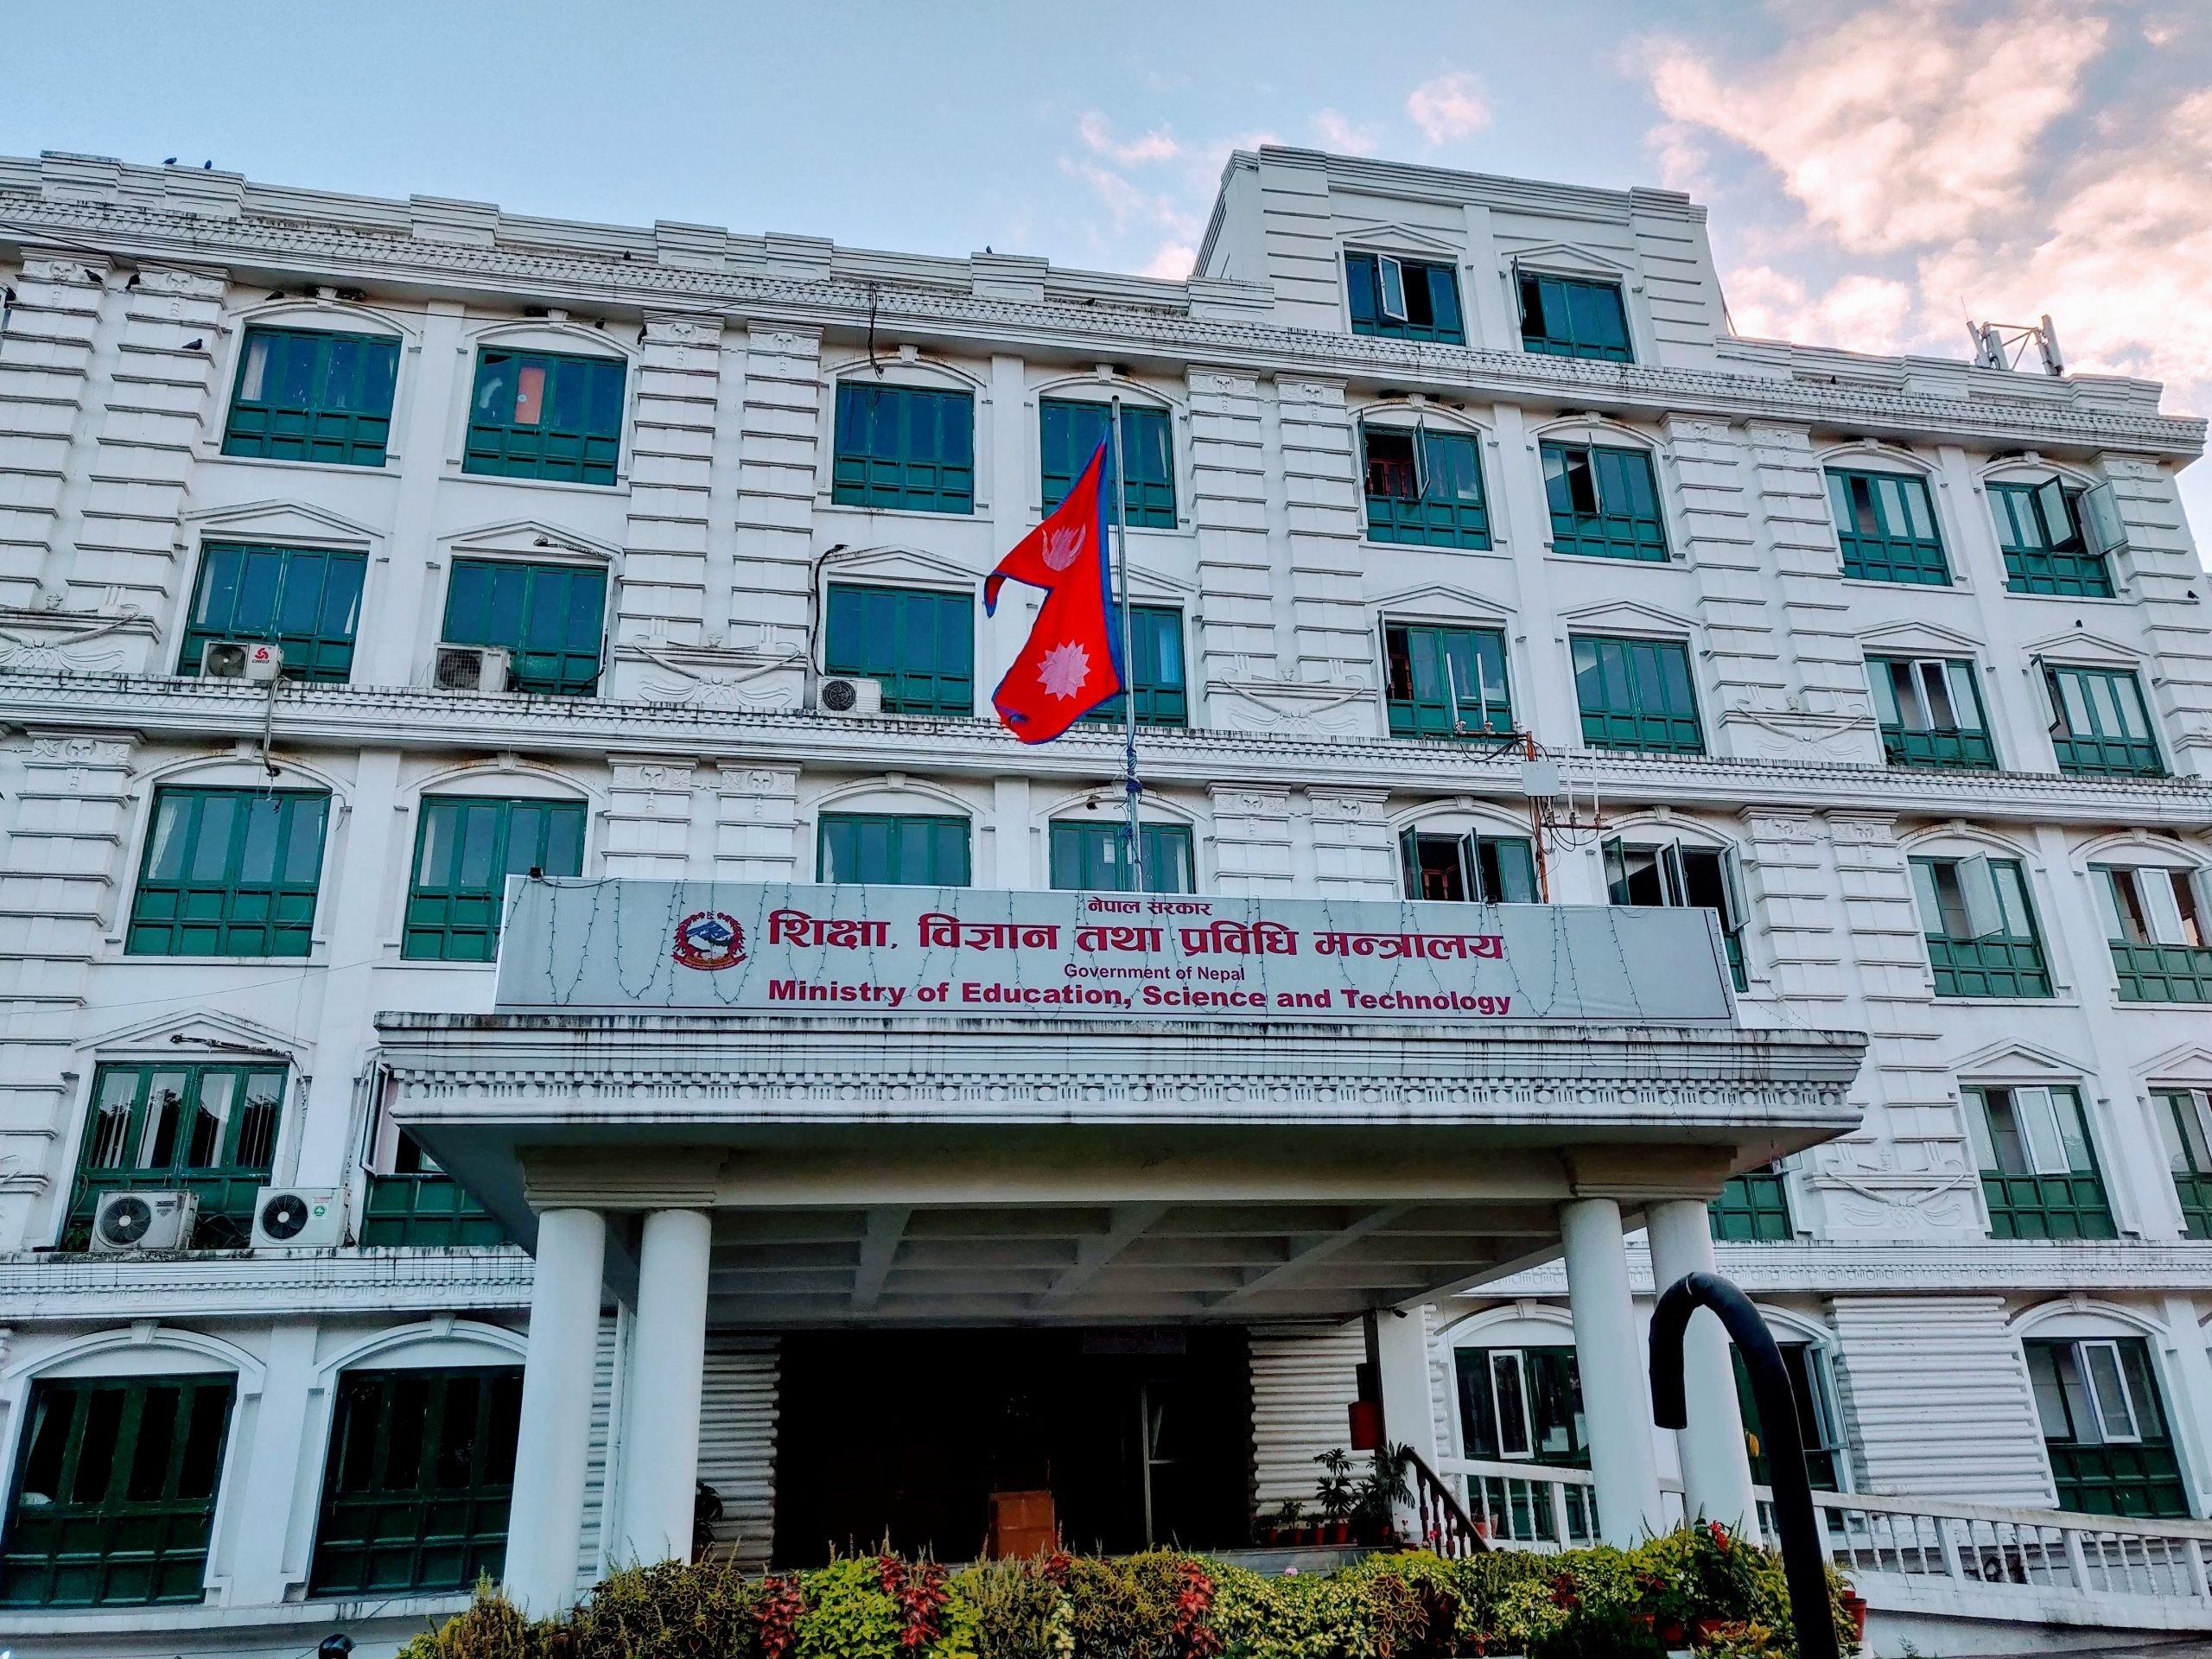 Education Authority Nepal Sikhshya Matralaya